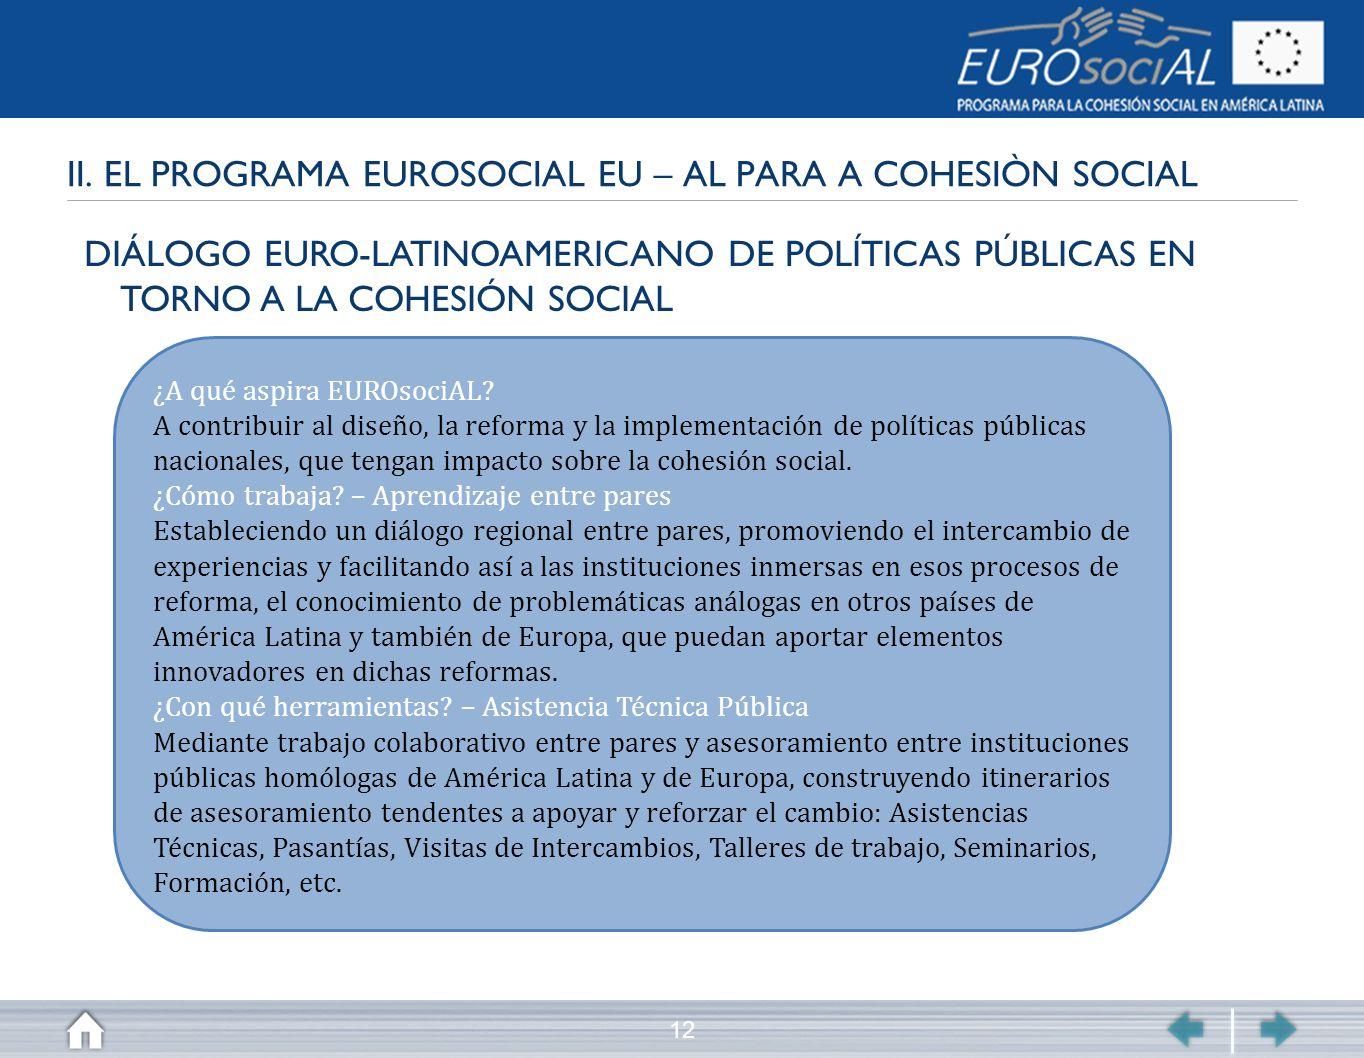 12 II. EL PROGRAMA EUROSOCIAL EU – AL PARA A COHESIÒN SOCIAL DIÁLOGO EURO-LATINOAMERICANO DE POLÍTICAS PÚBLICAS EN TORNO A LA COHESIÓN SOCIAL ¿A qué a